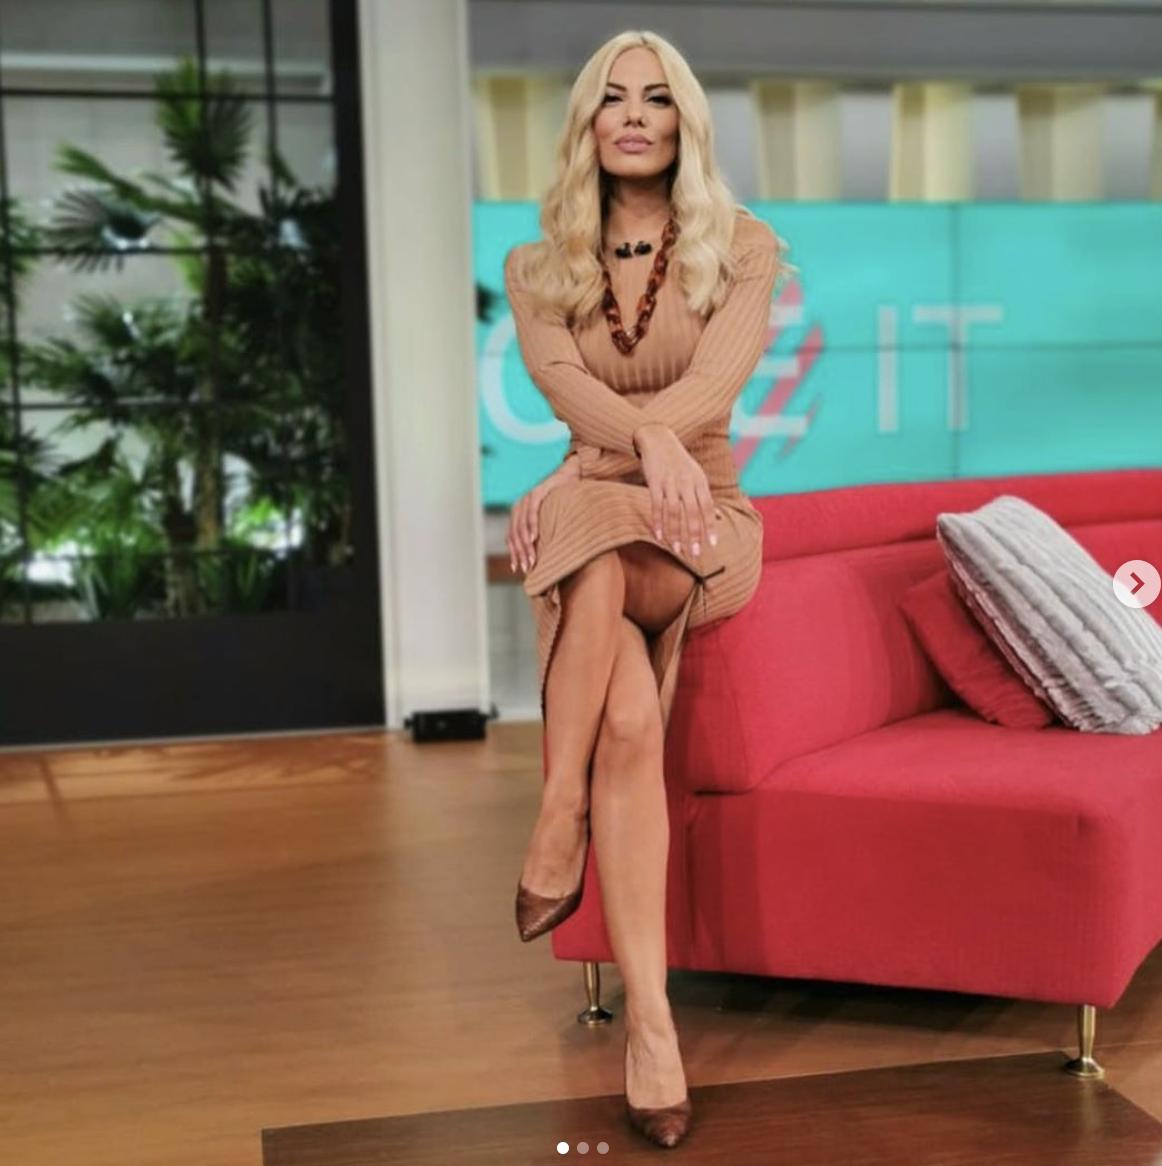 Τα πιο εντυπωσιακά πόδια: Η Ιωάννα Μαλέσκου στις 4 λήψεις που θα συζητηθούν (Pics)